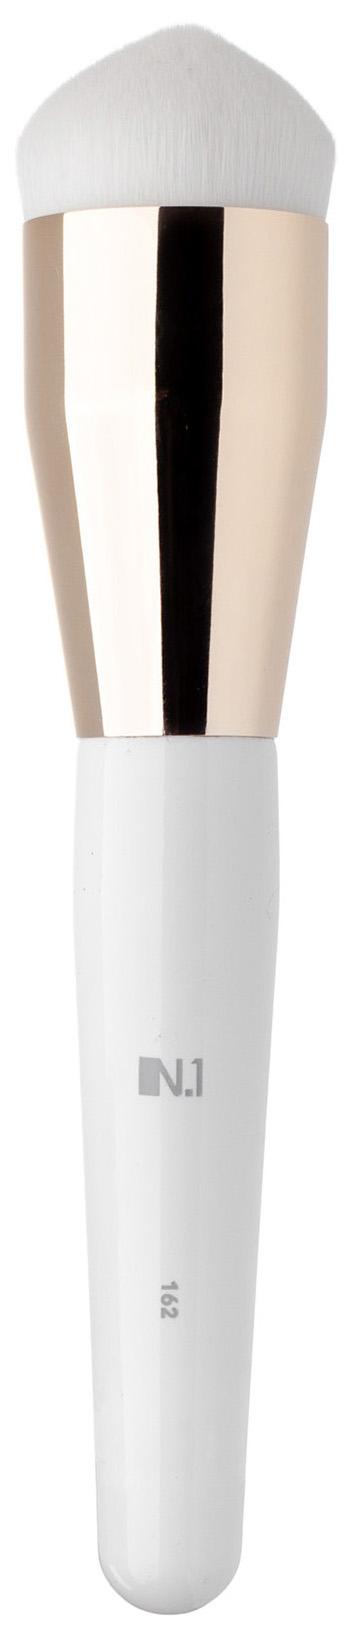 Кисть для макияжа N.1 Плотная для контуринга лица из ворса таклон №162